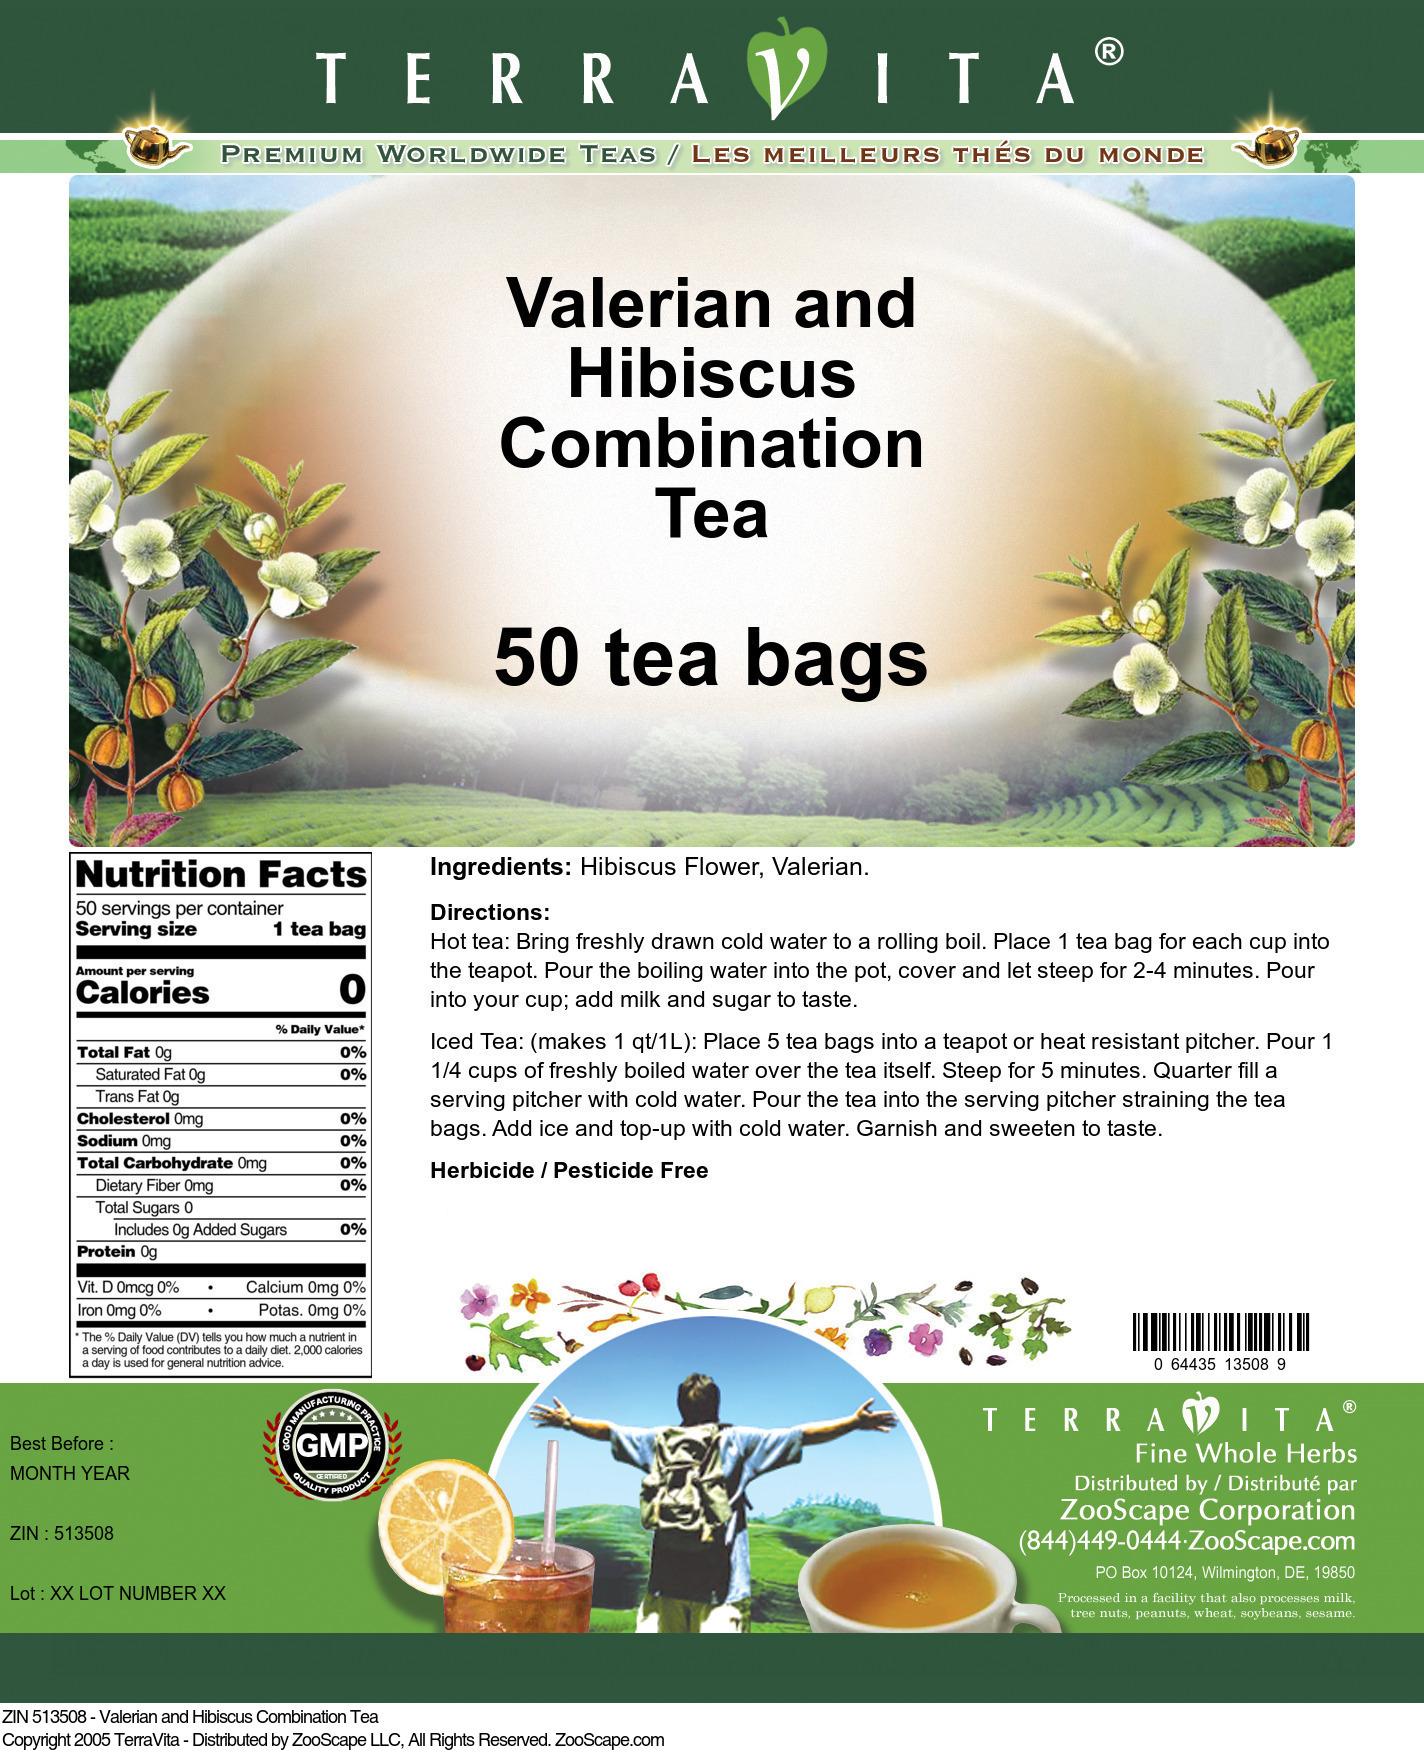 Valerian and Hibiscus Combination Tea